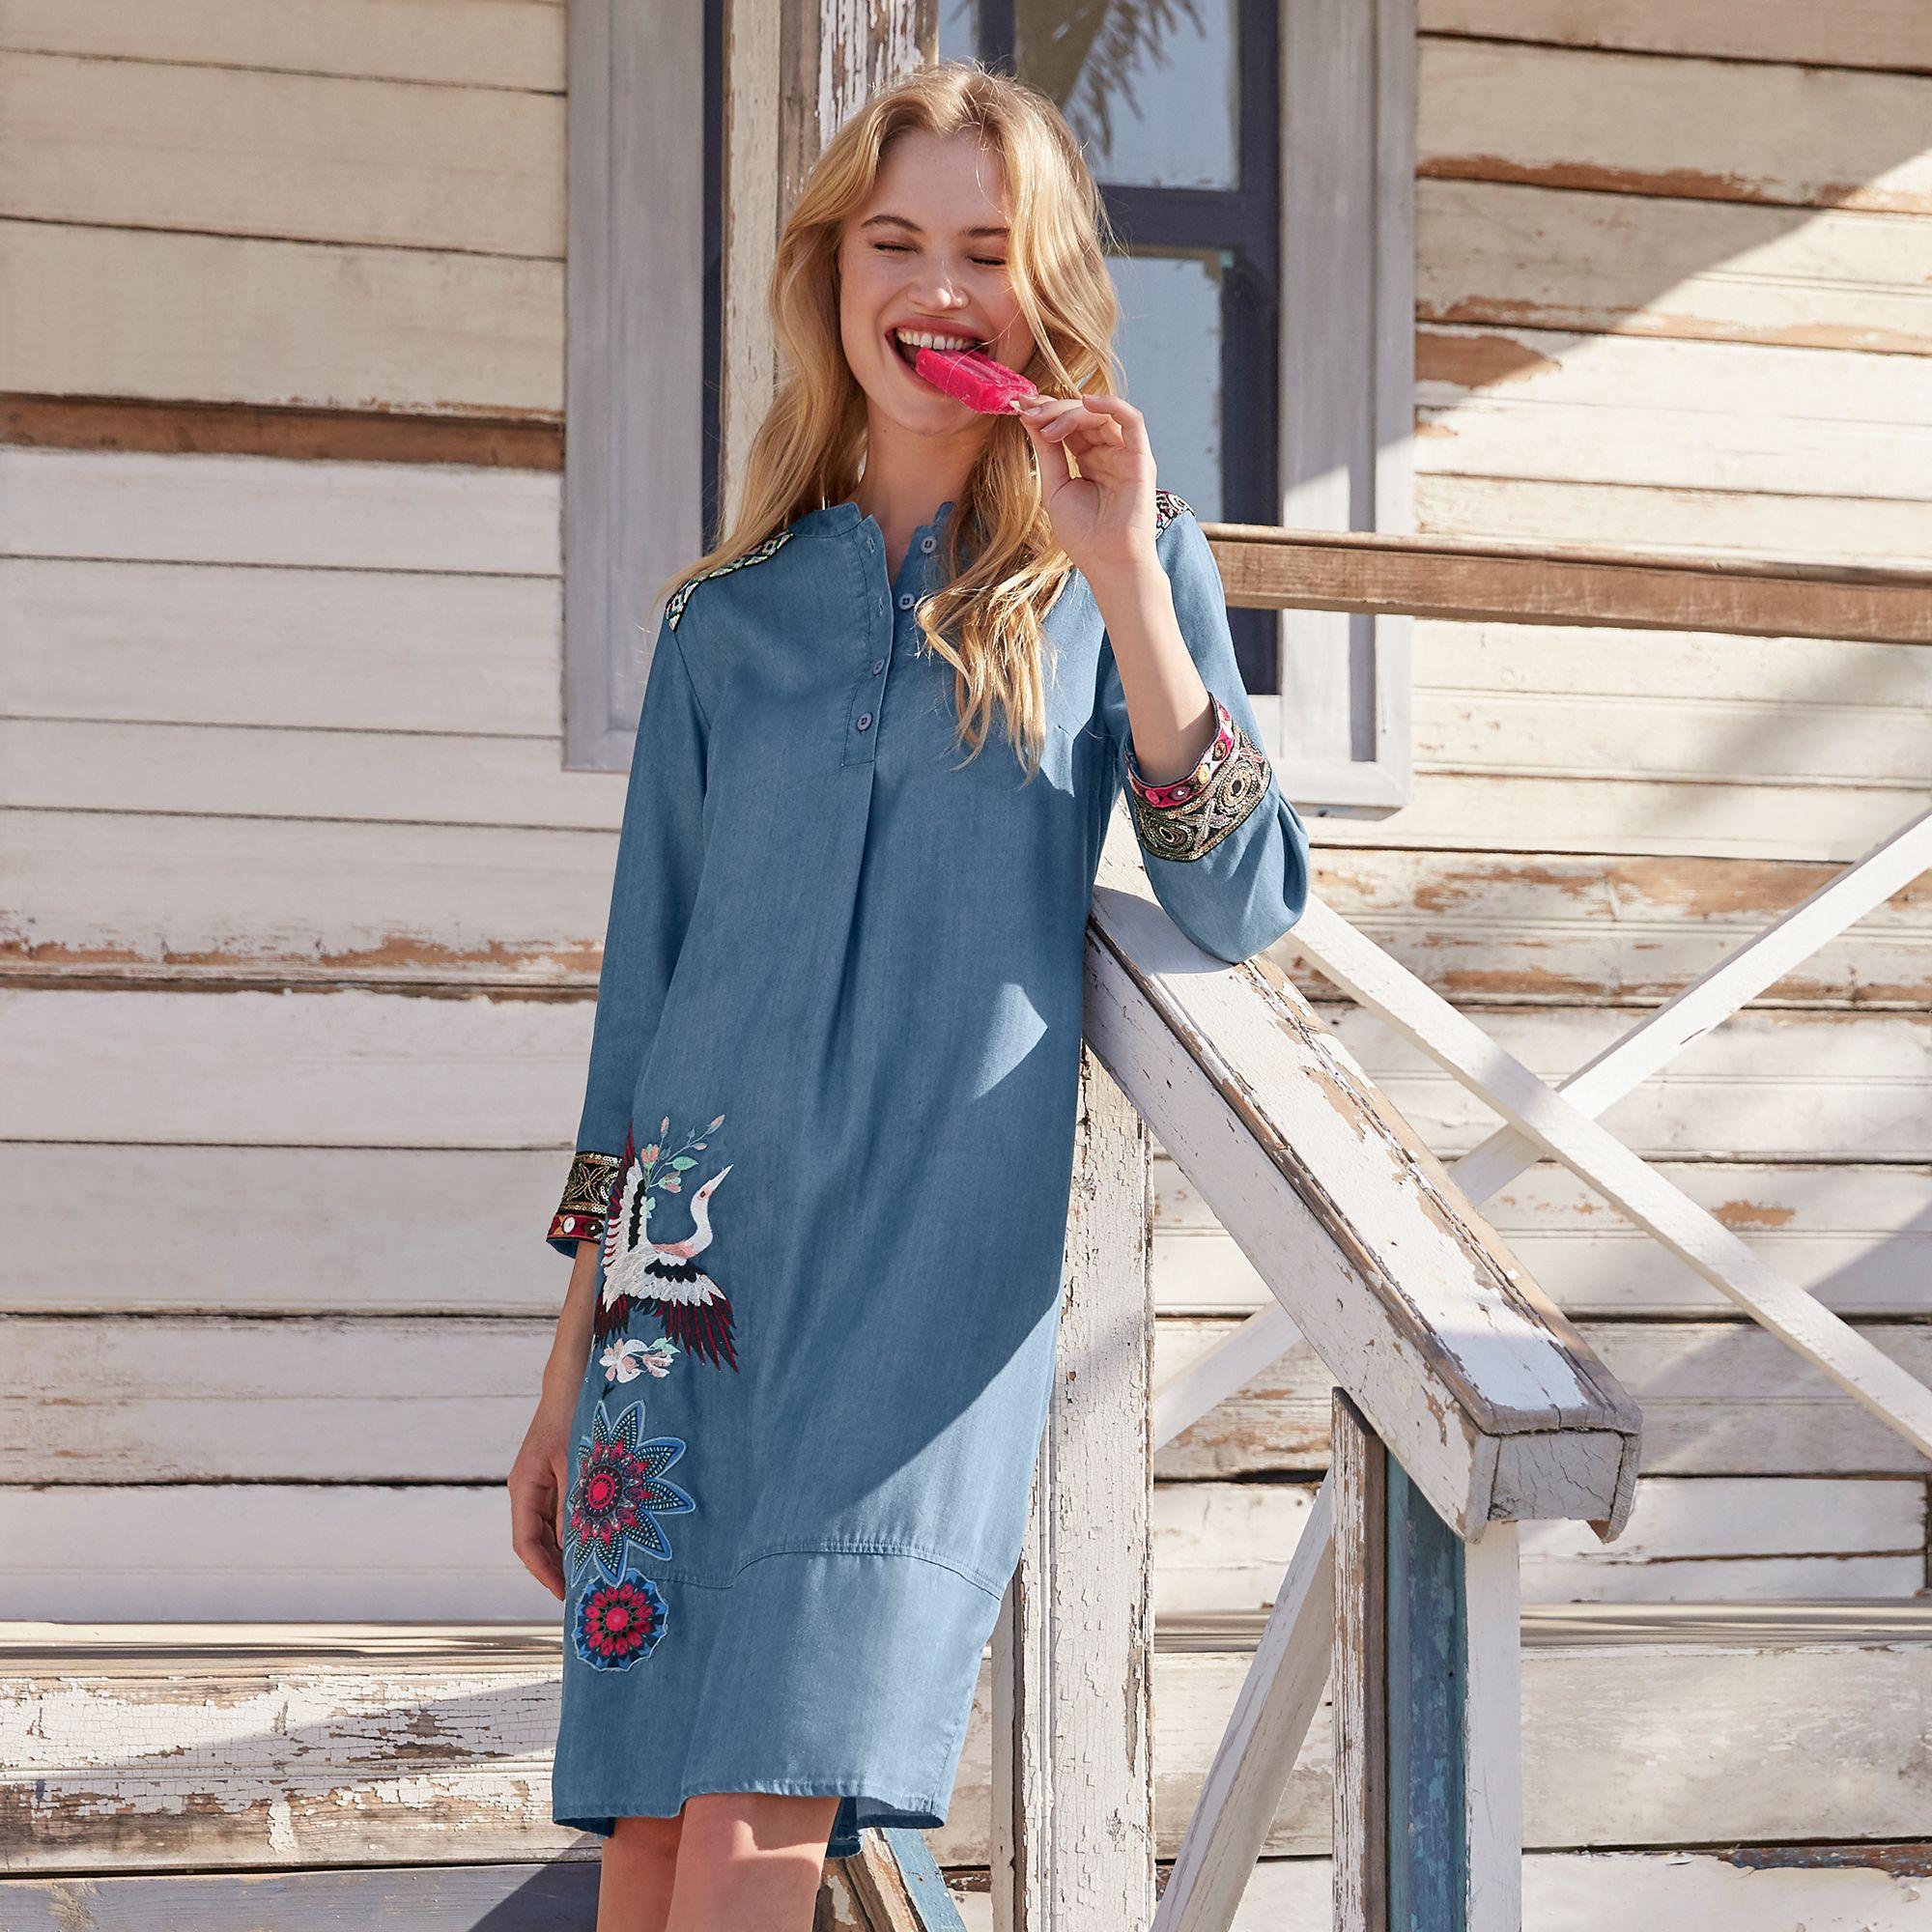 Pin Von Heine Auf Denim Looks Jeans Kleid Modestil Jeanskleid